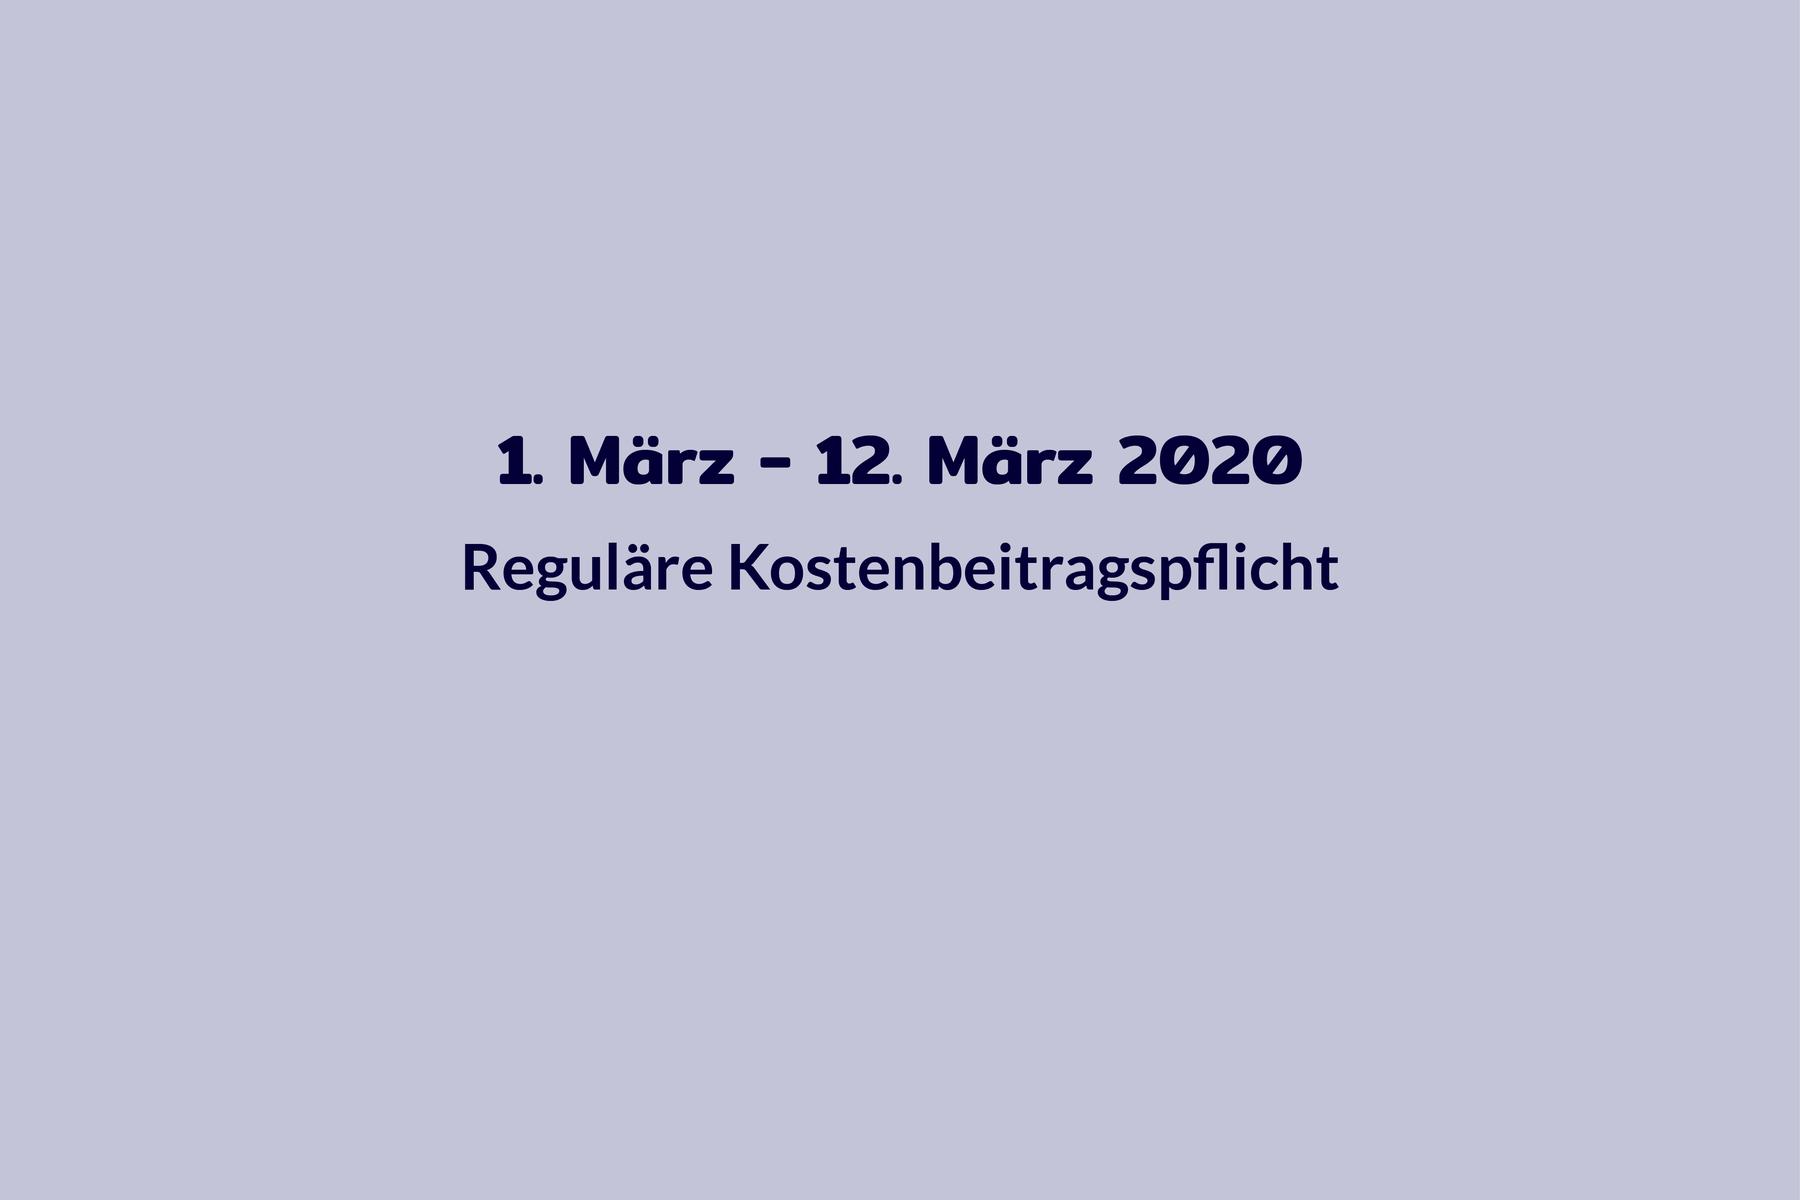 Chronologie Kosten 1. März bis 13. März 2020